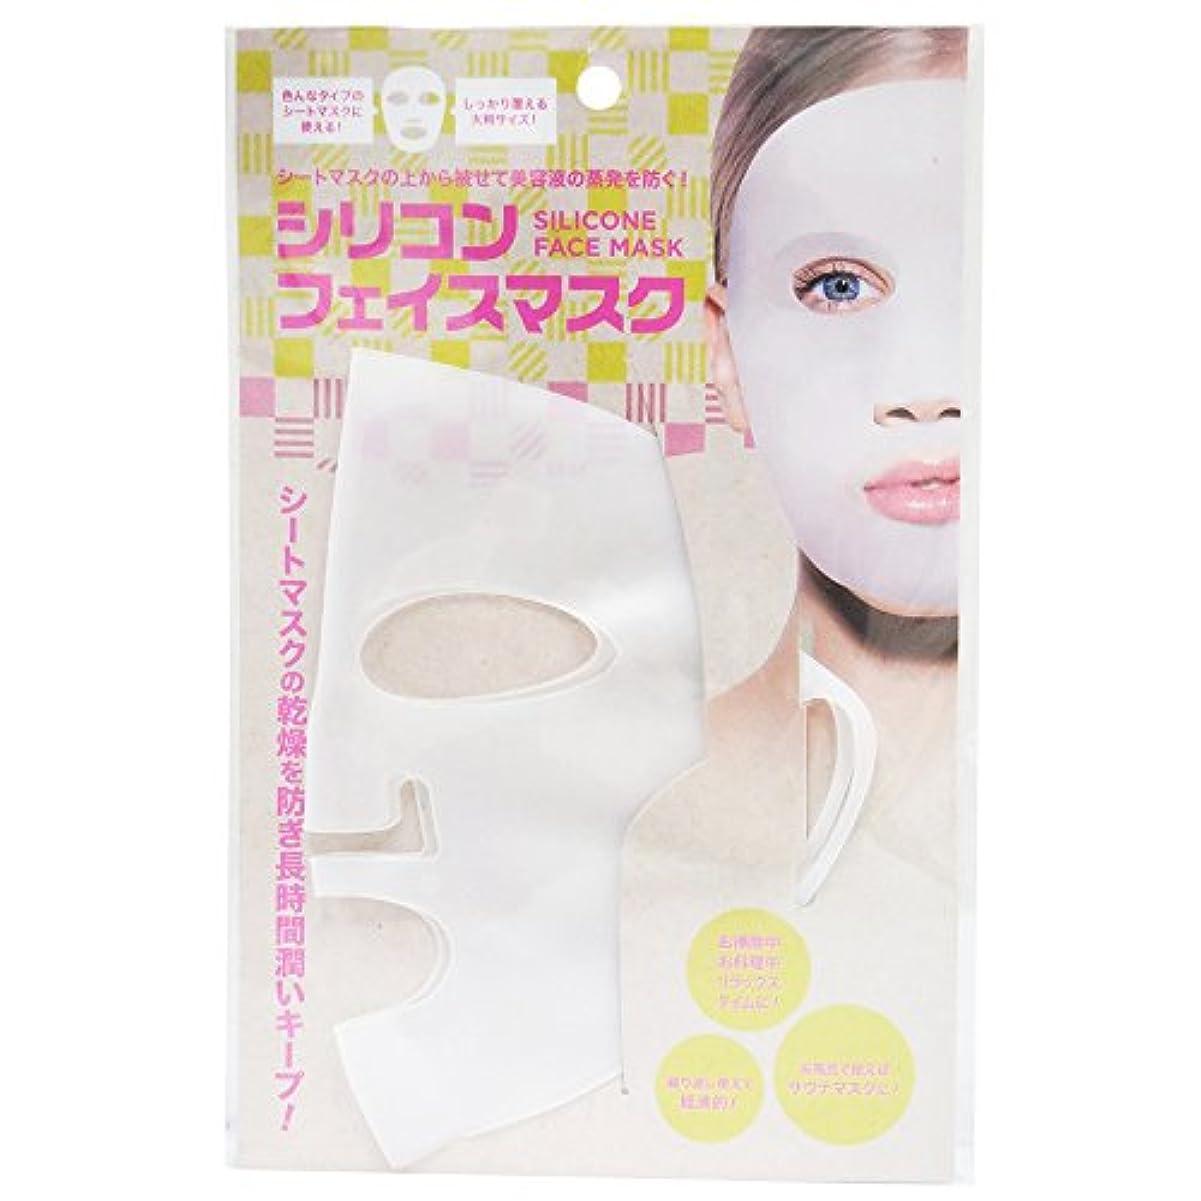 援助モンク話をするシリコンフェイスマスク